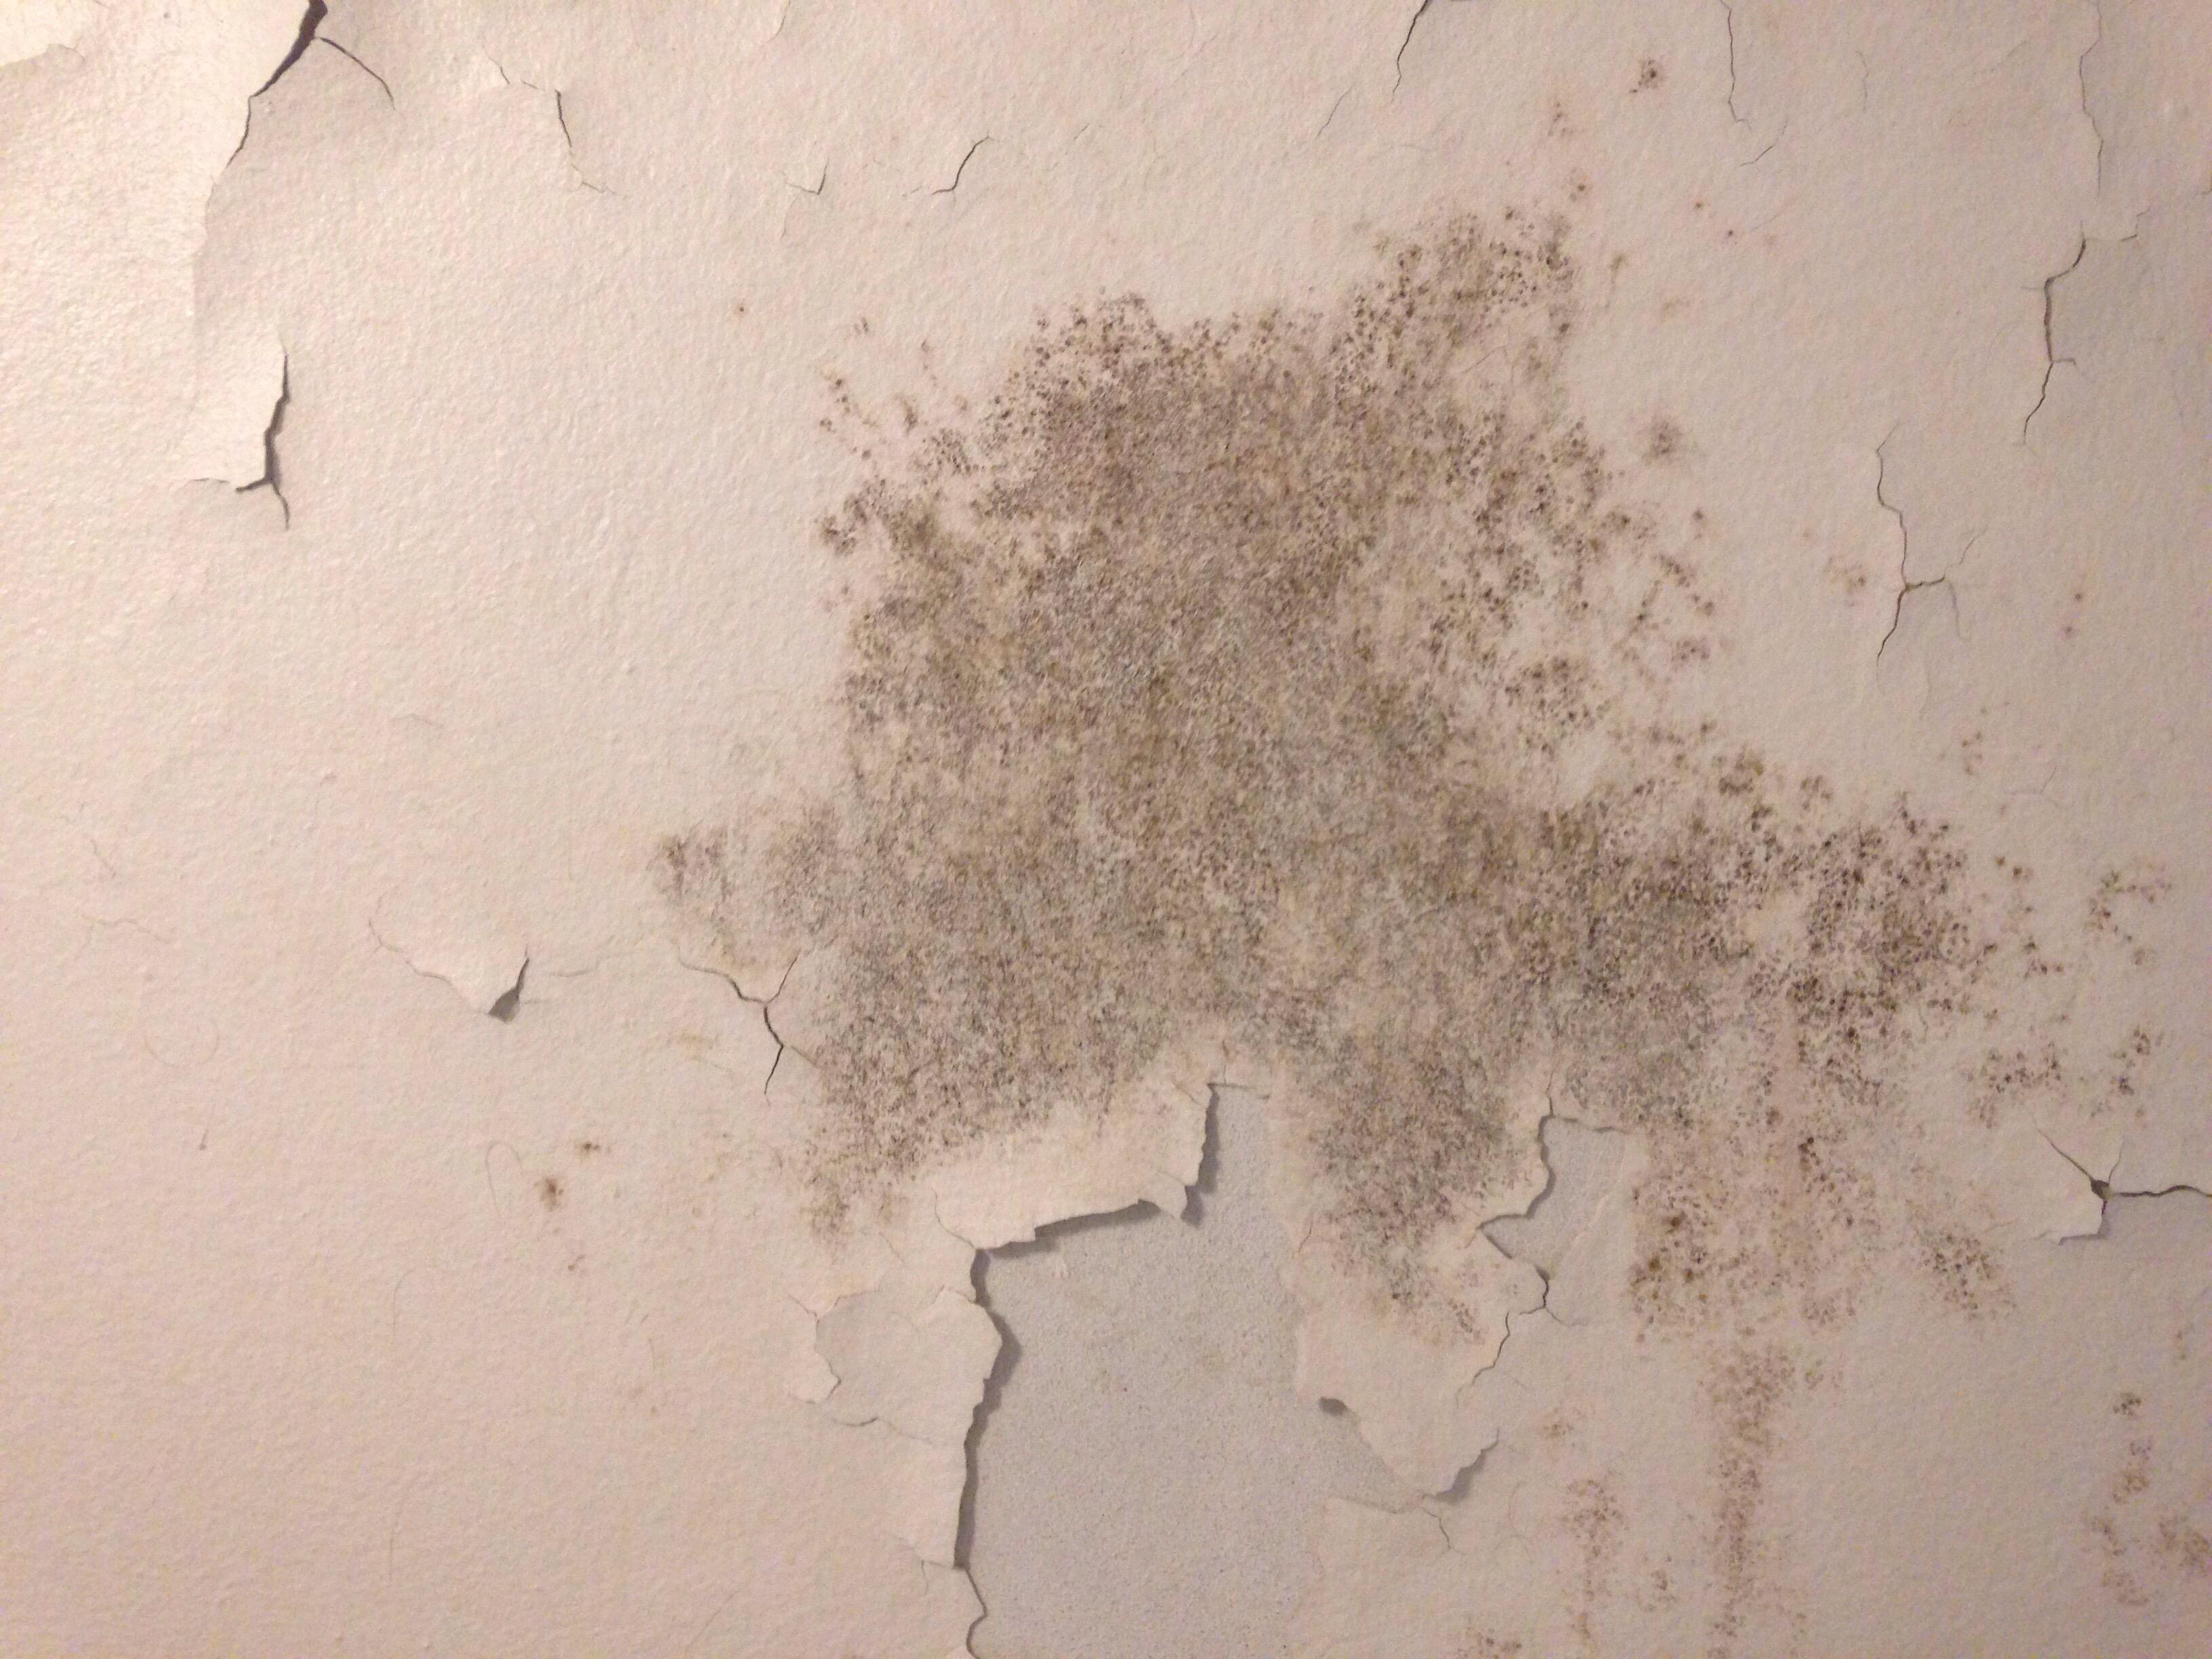 Gråsort plamage på hvidt loft med afskallende maling